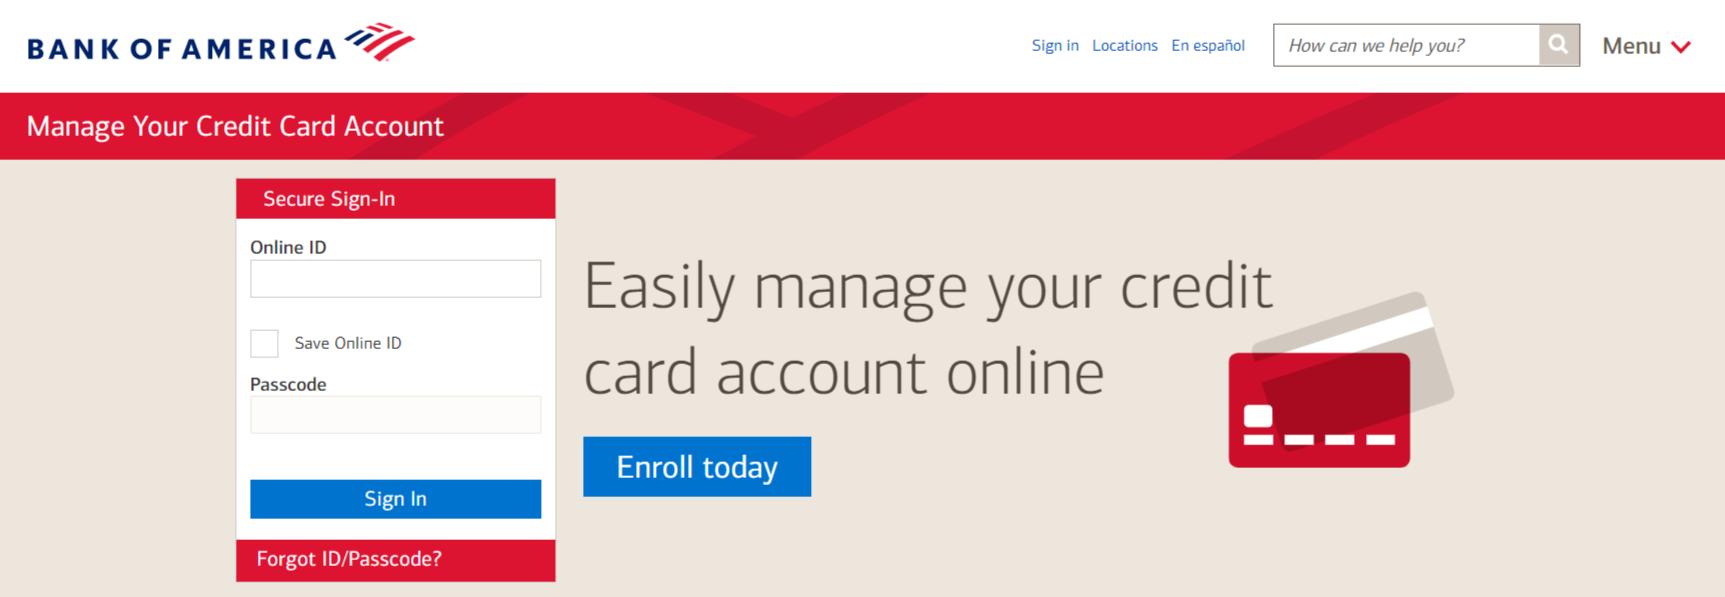 Bank Of America Credit Card Login portal